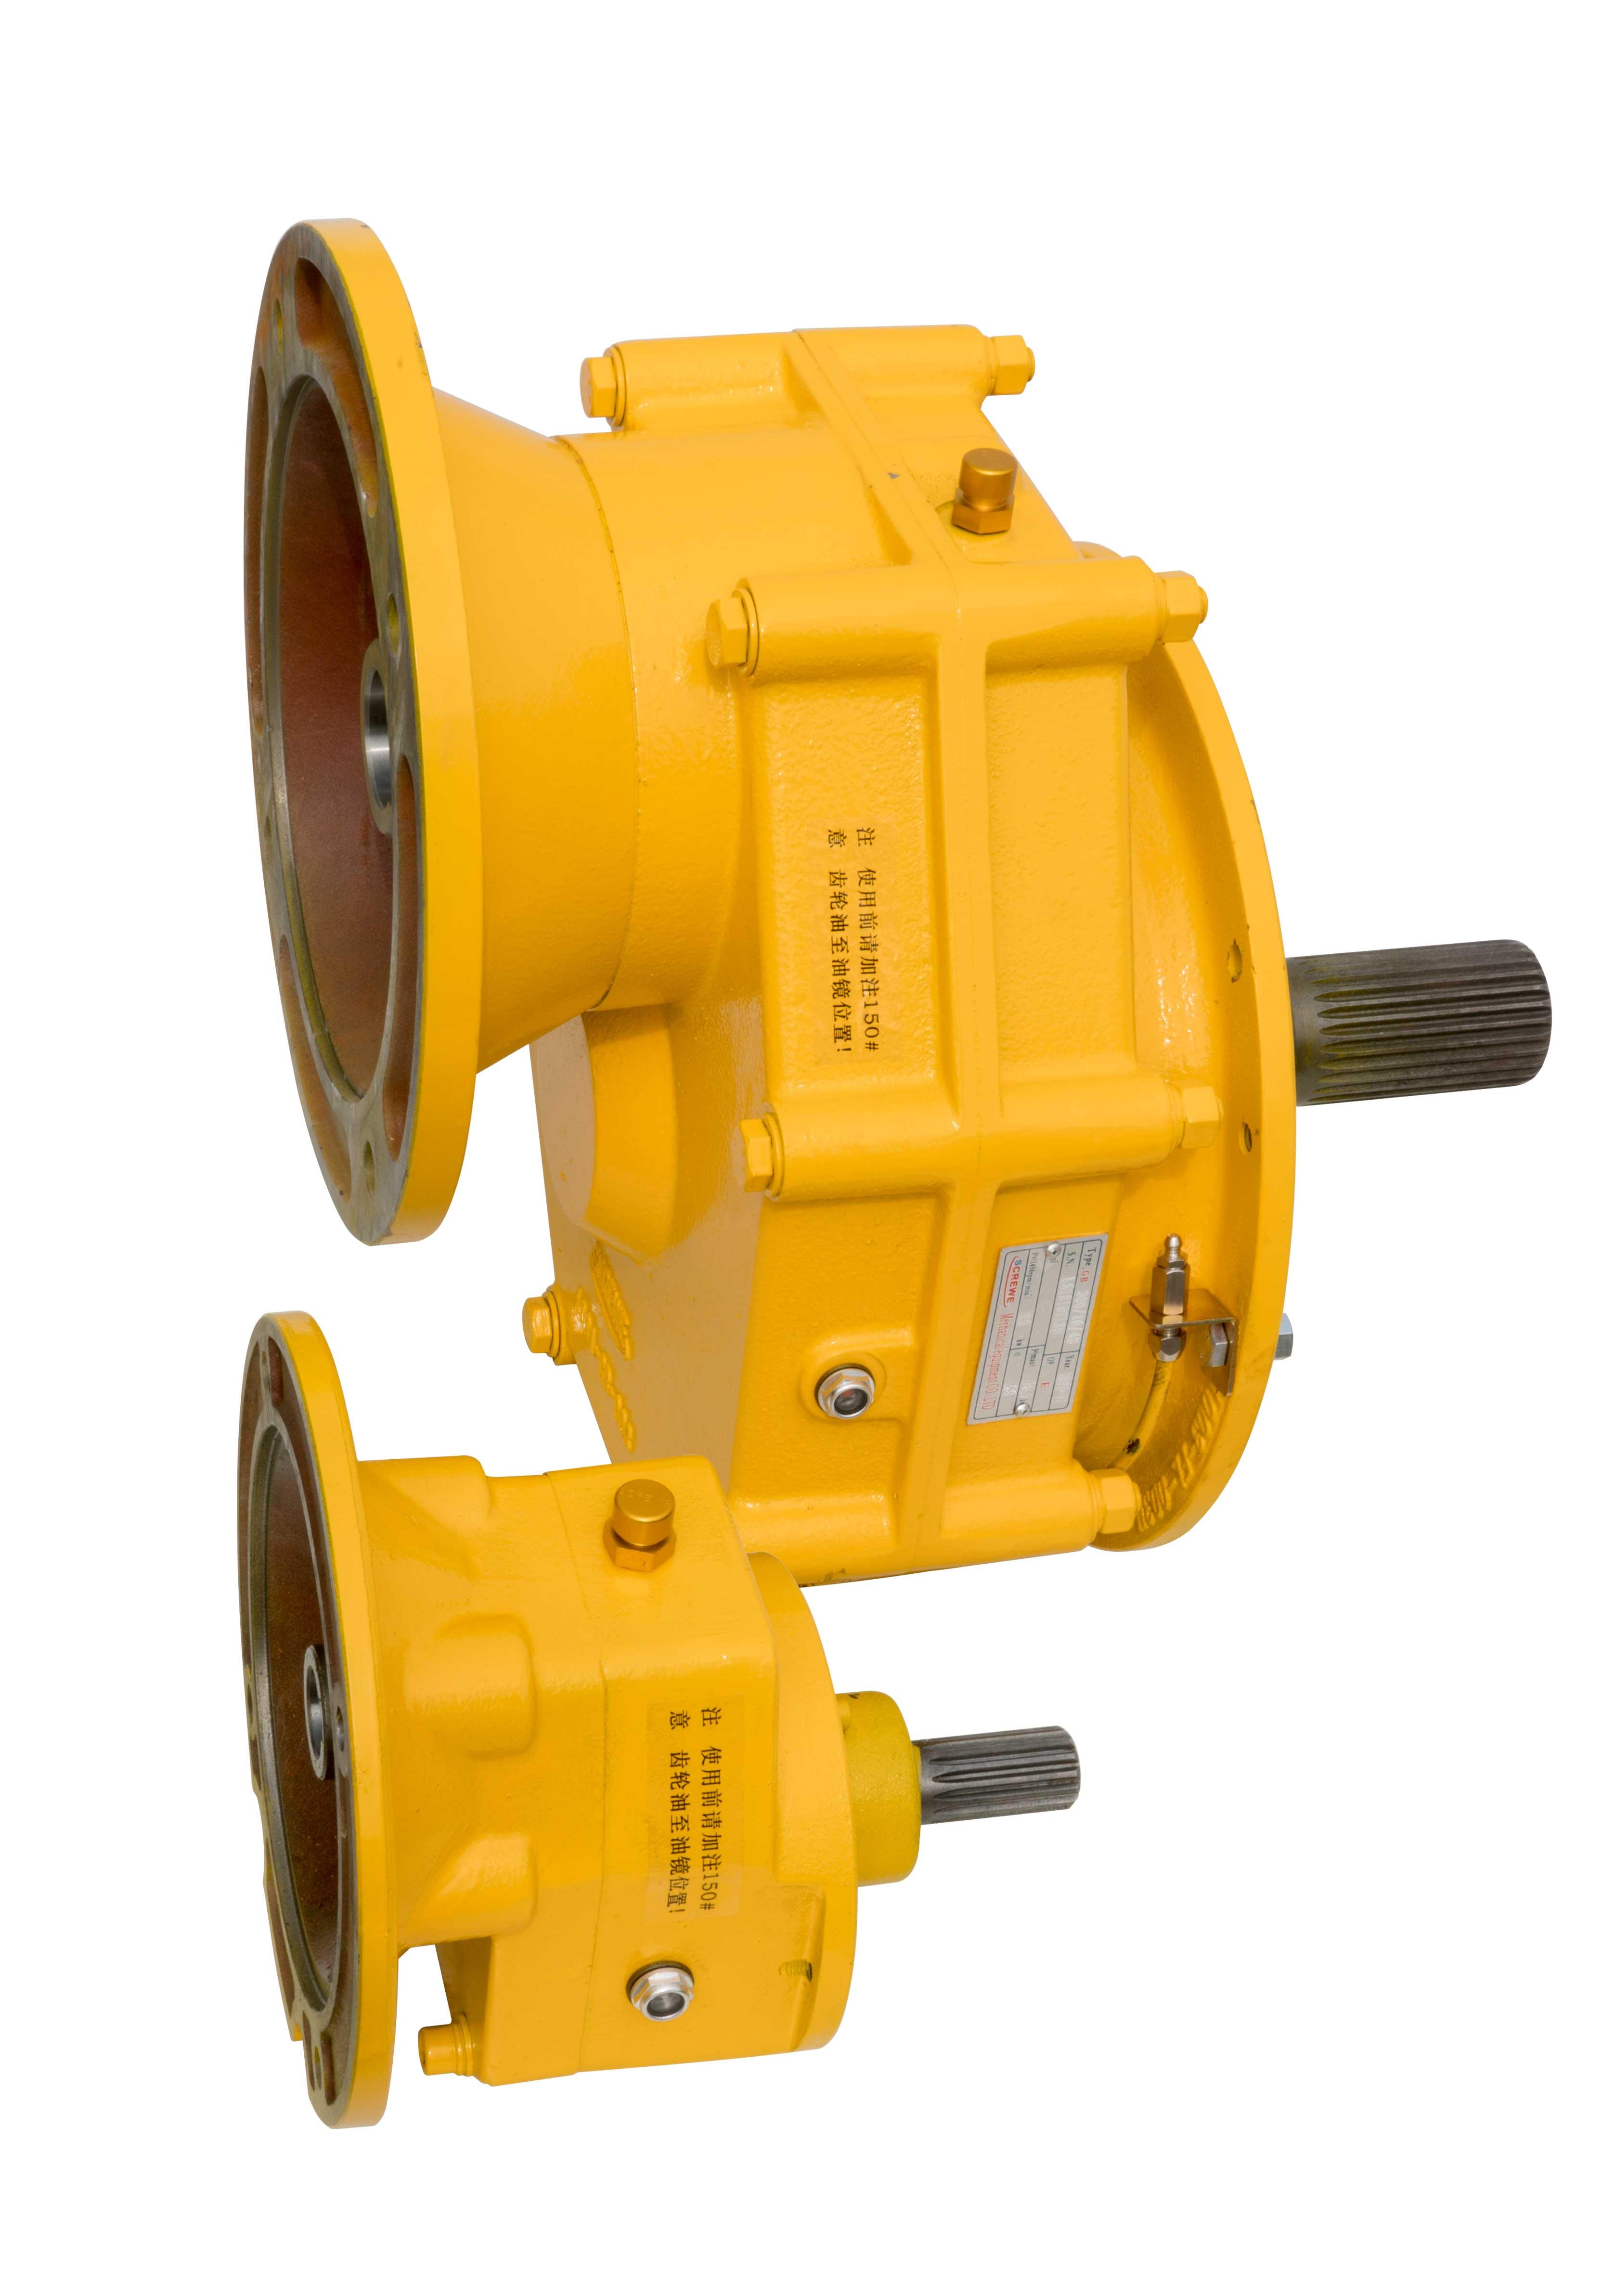 19-GB型螺旋機專用減速機系列